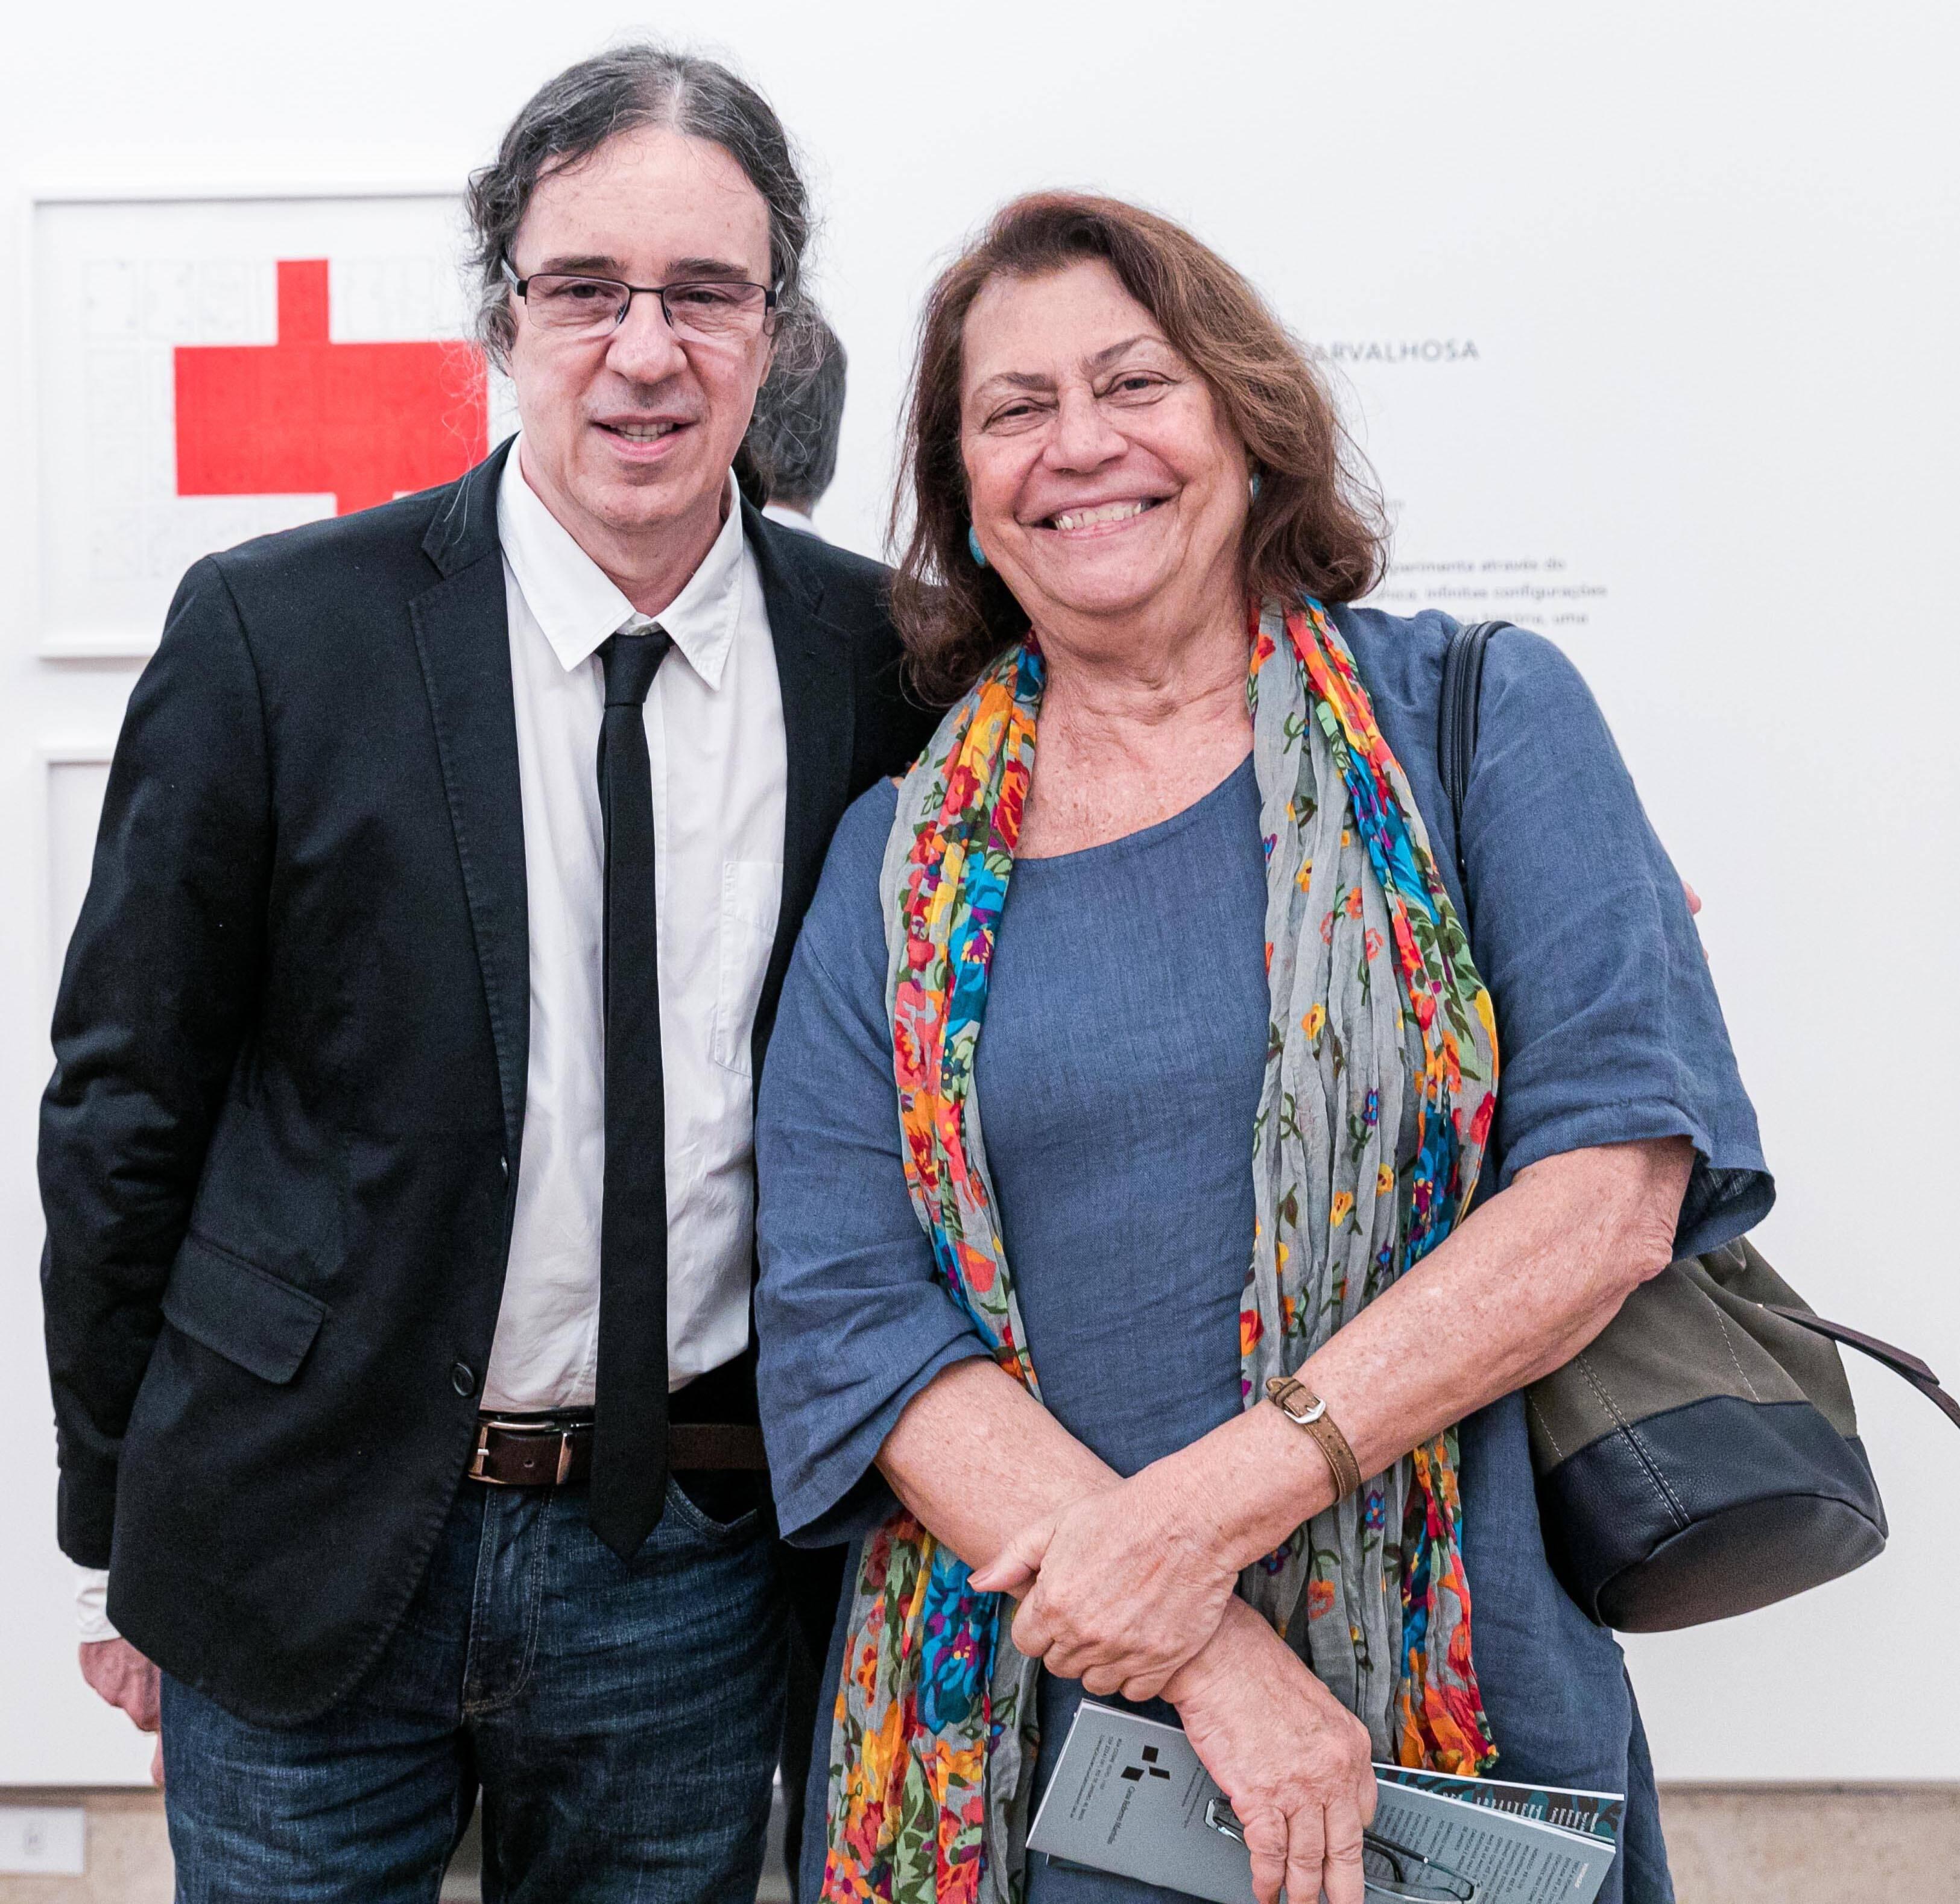 Geraldo Carneiro e Maria Machado / Foto: Miguel Sá